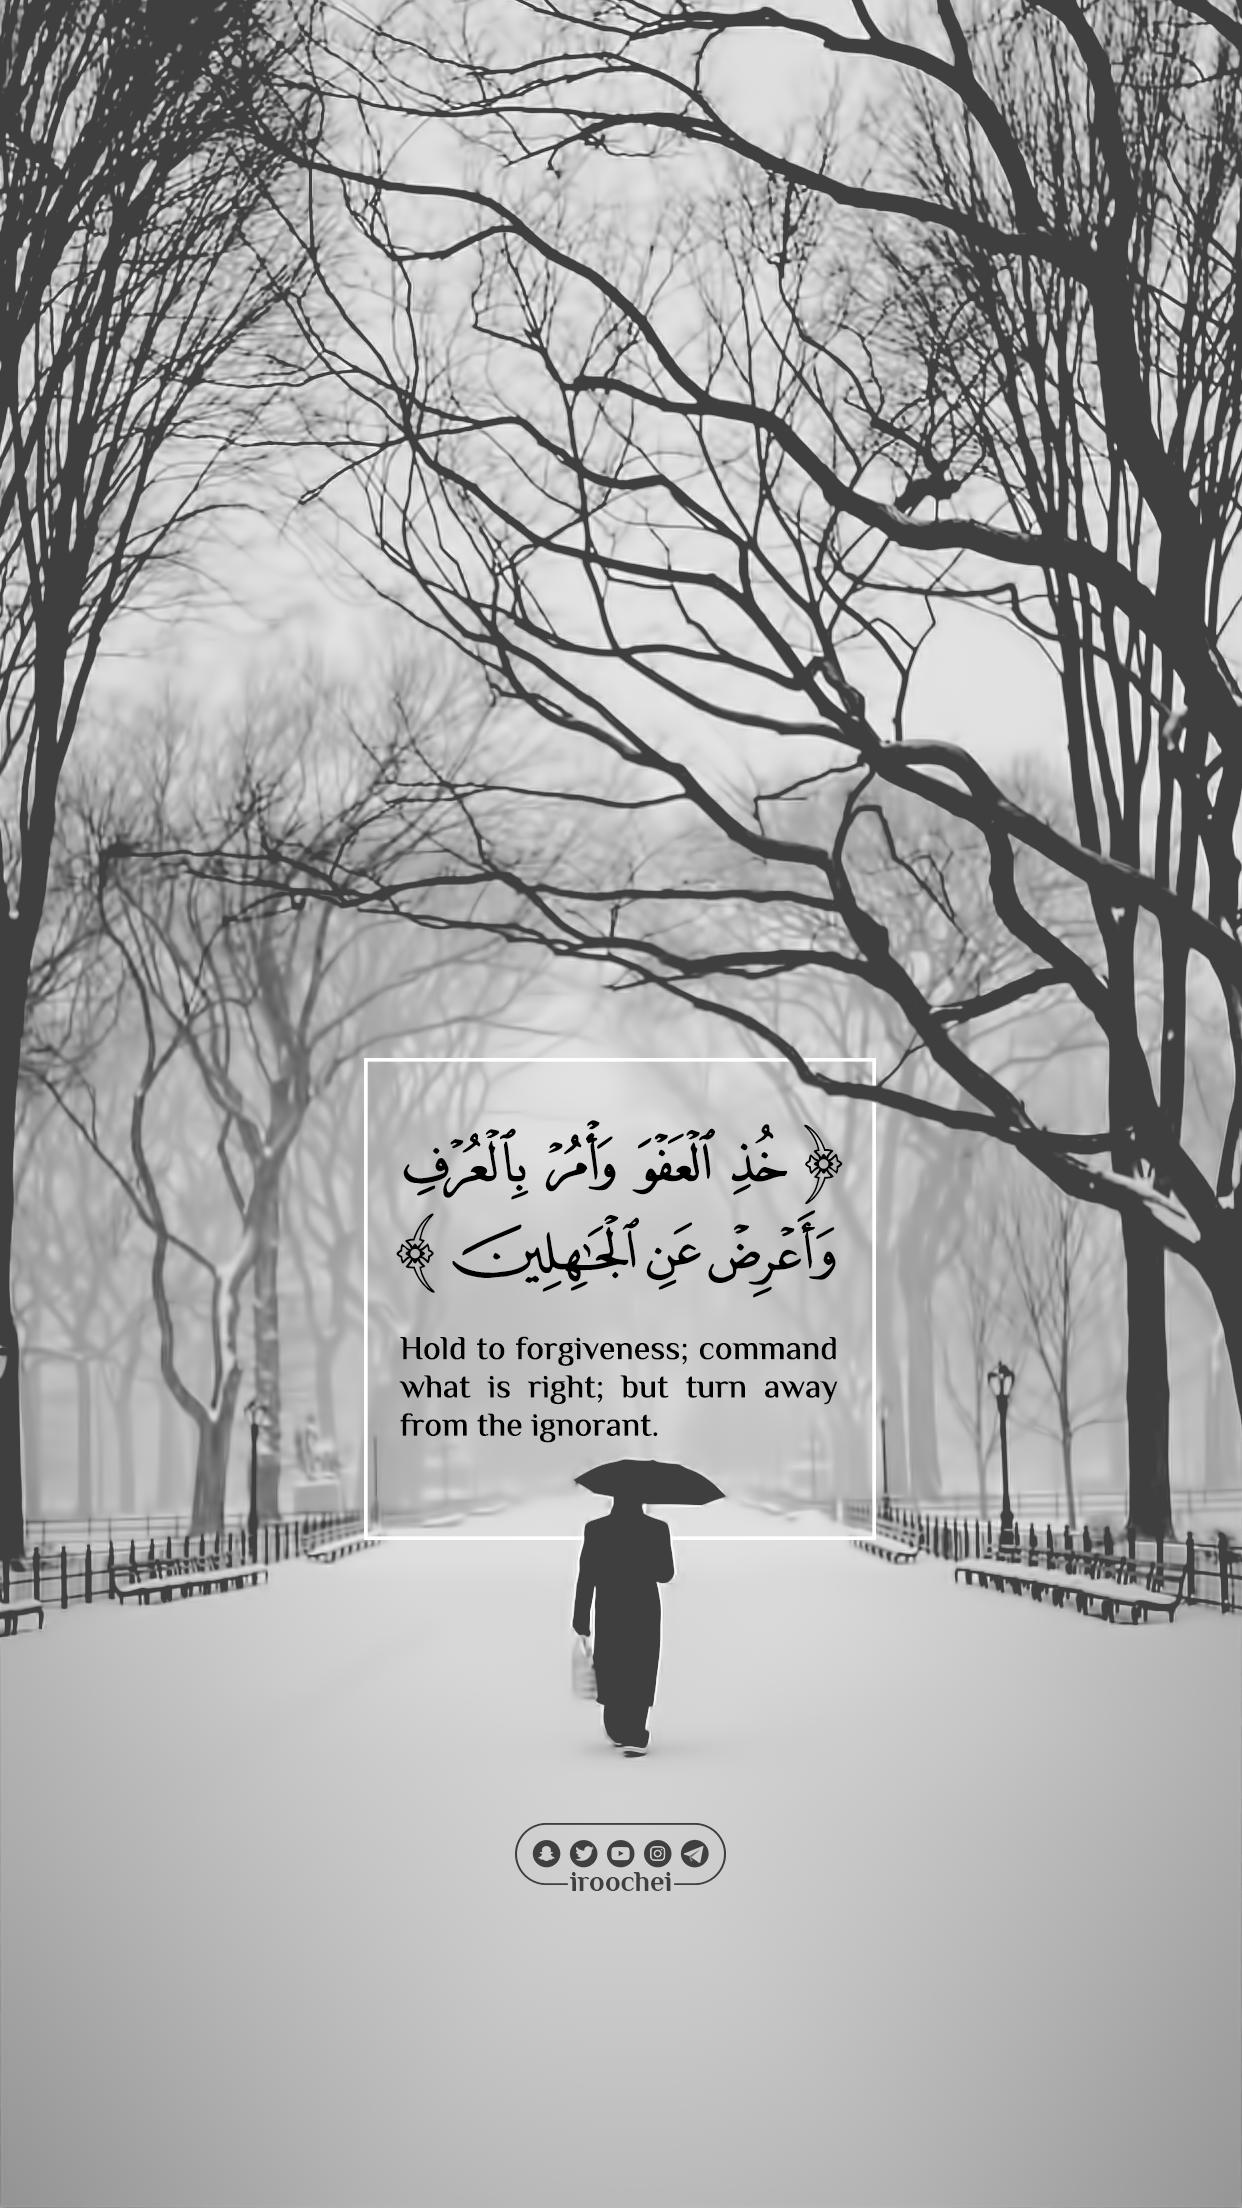 خذ العفو وأمر بالعرف وأعرض عن الجاهلين Beautiful Quran Quotes Quran Quotes Love Quran Quotes Verses